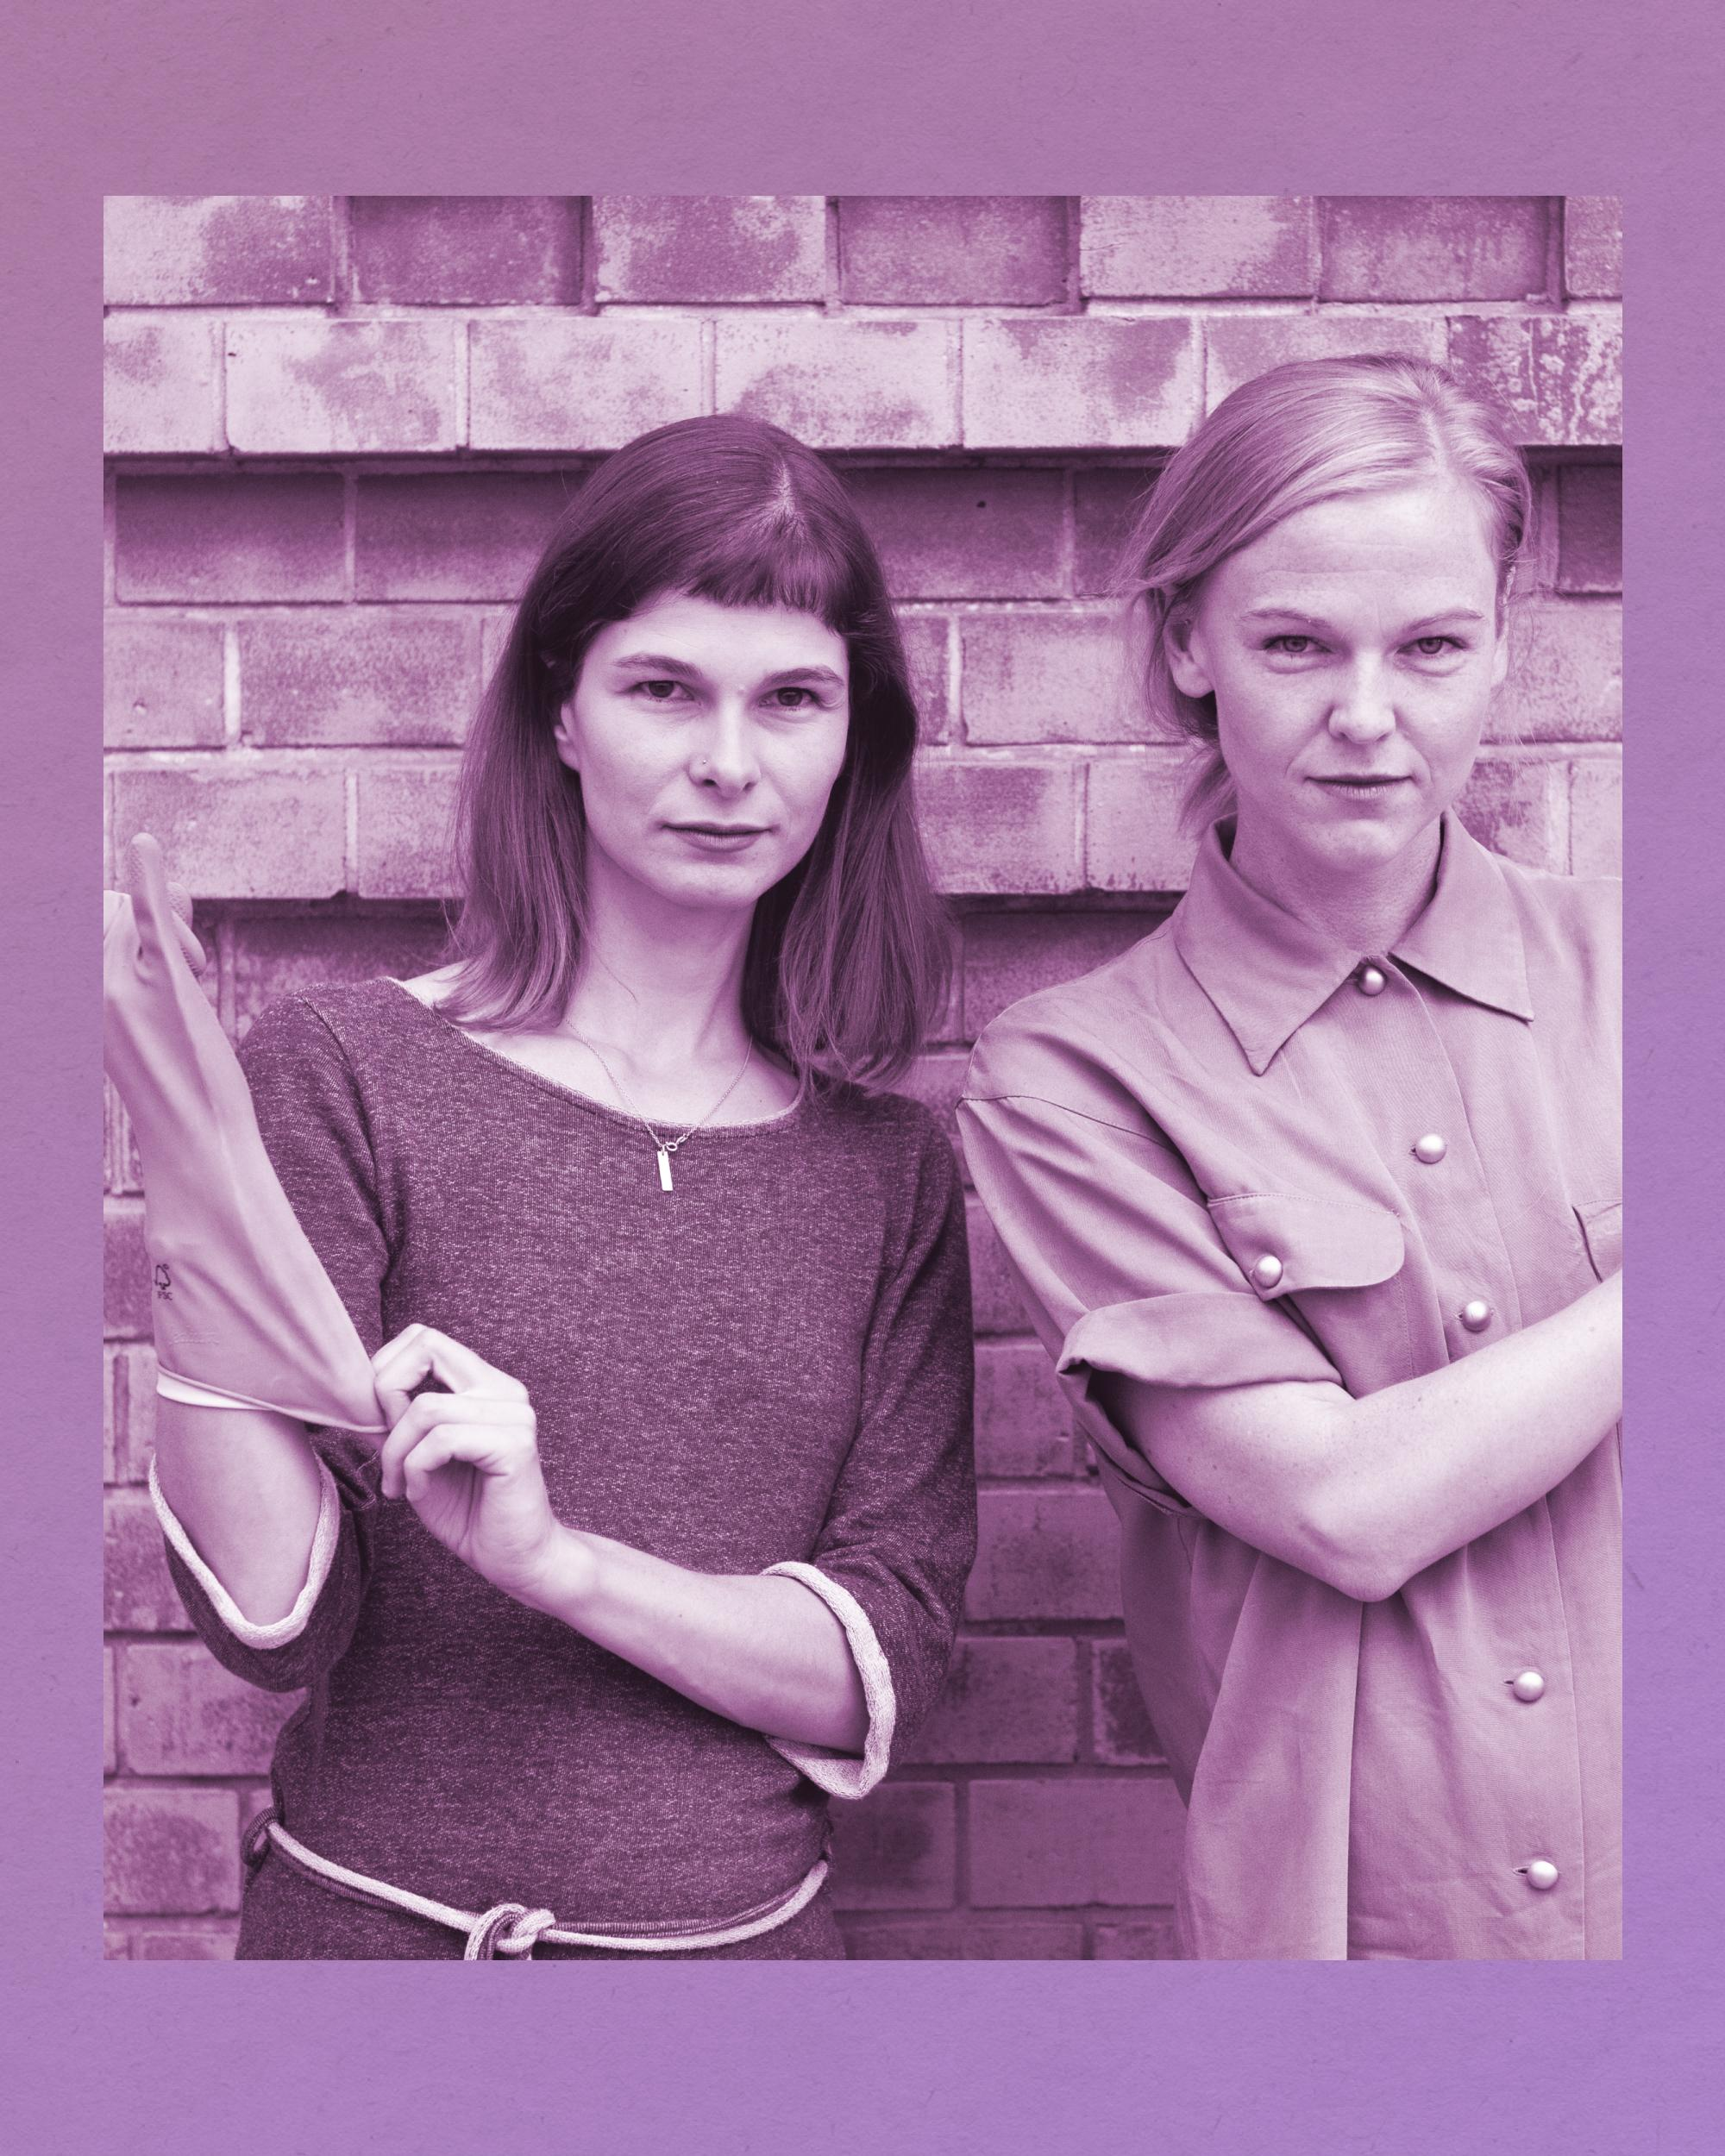 Julia Seeliger und Luise Zaluski, die Gründerinnen des Putz-Start-ups Klara Grün